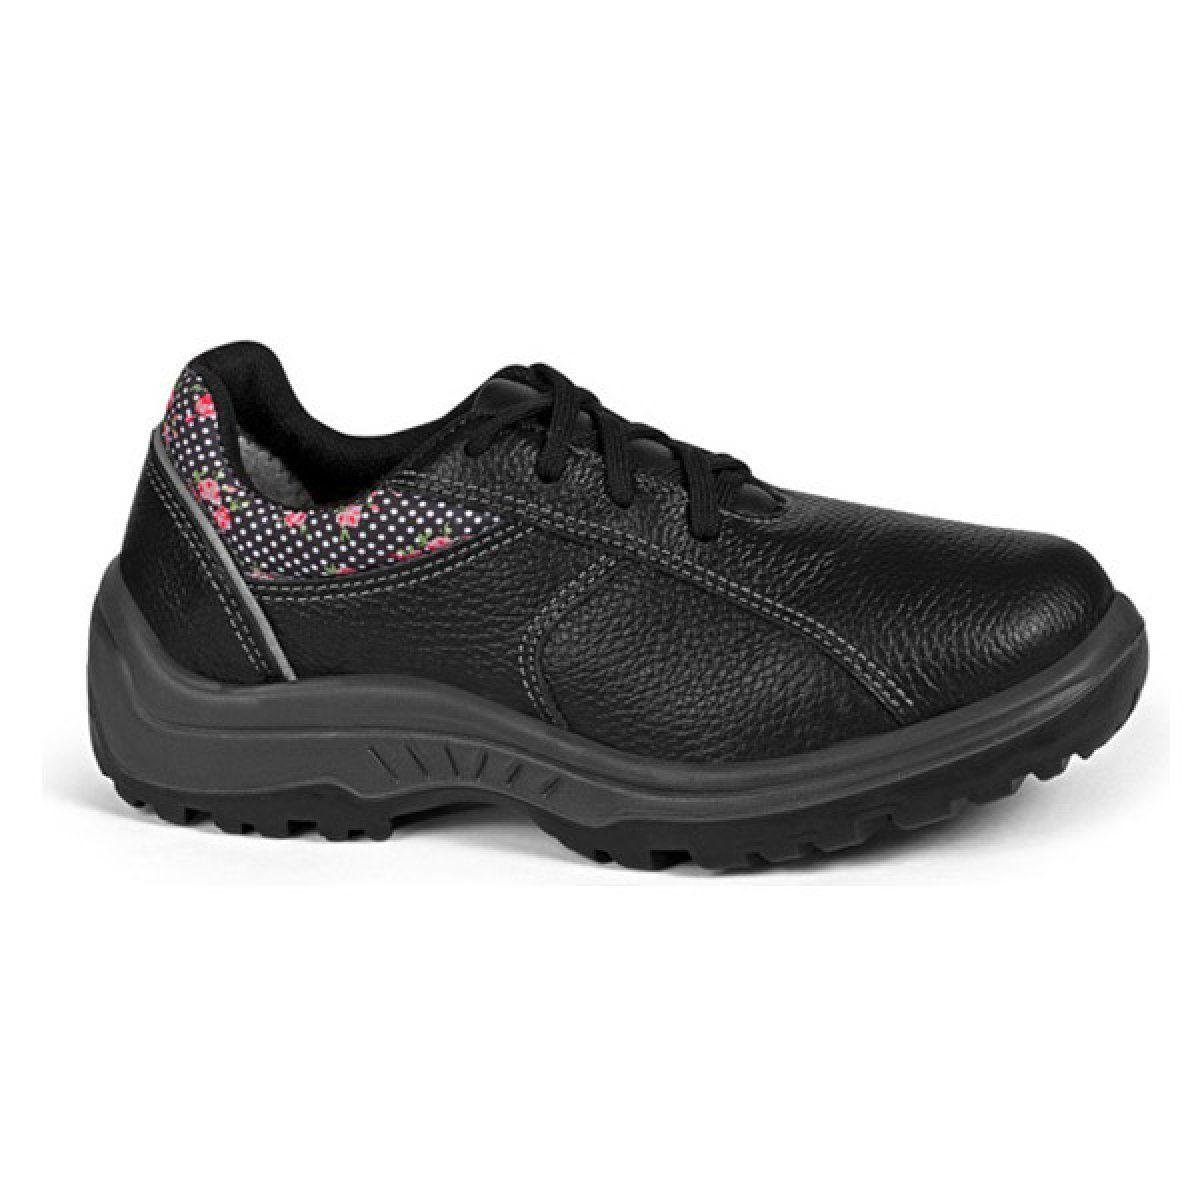 Sapato Feminino c/ Cadarço Bidensidade s/ Bico de Aço Preto N°39 - BRACOL